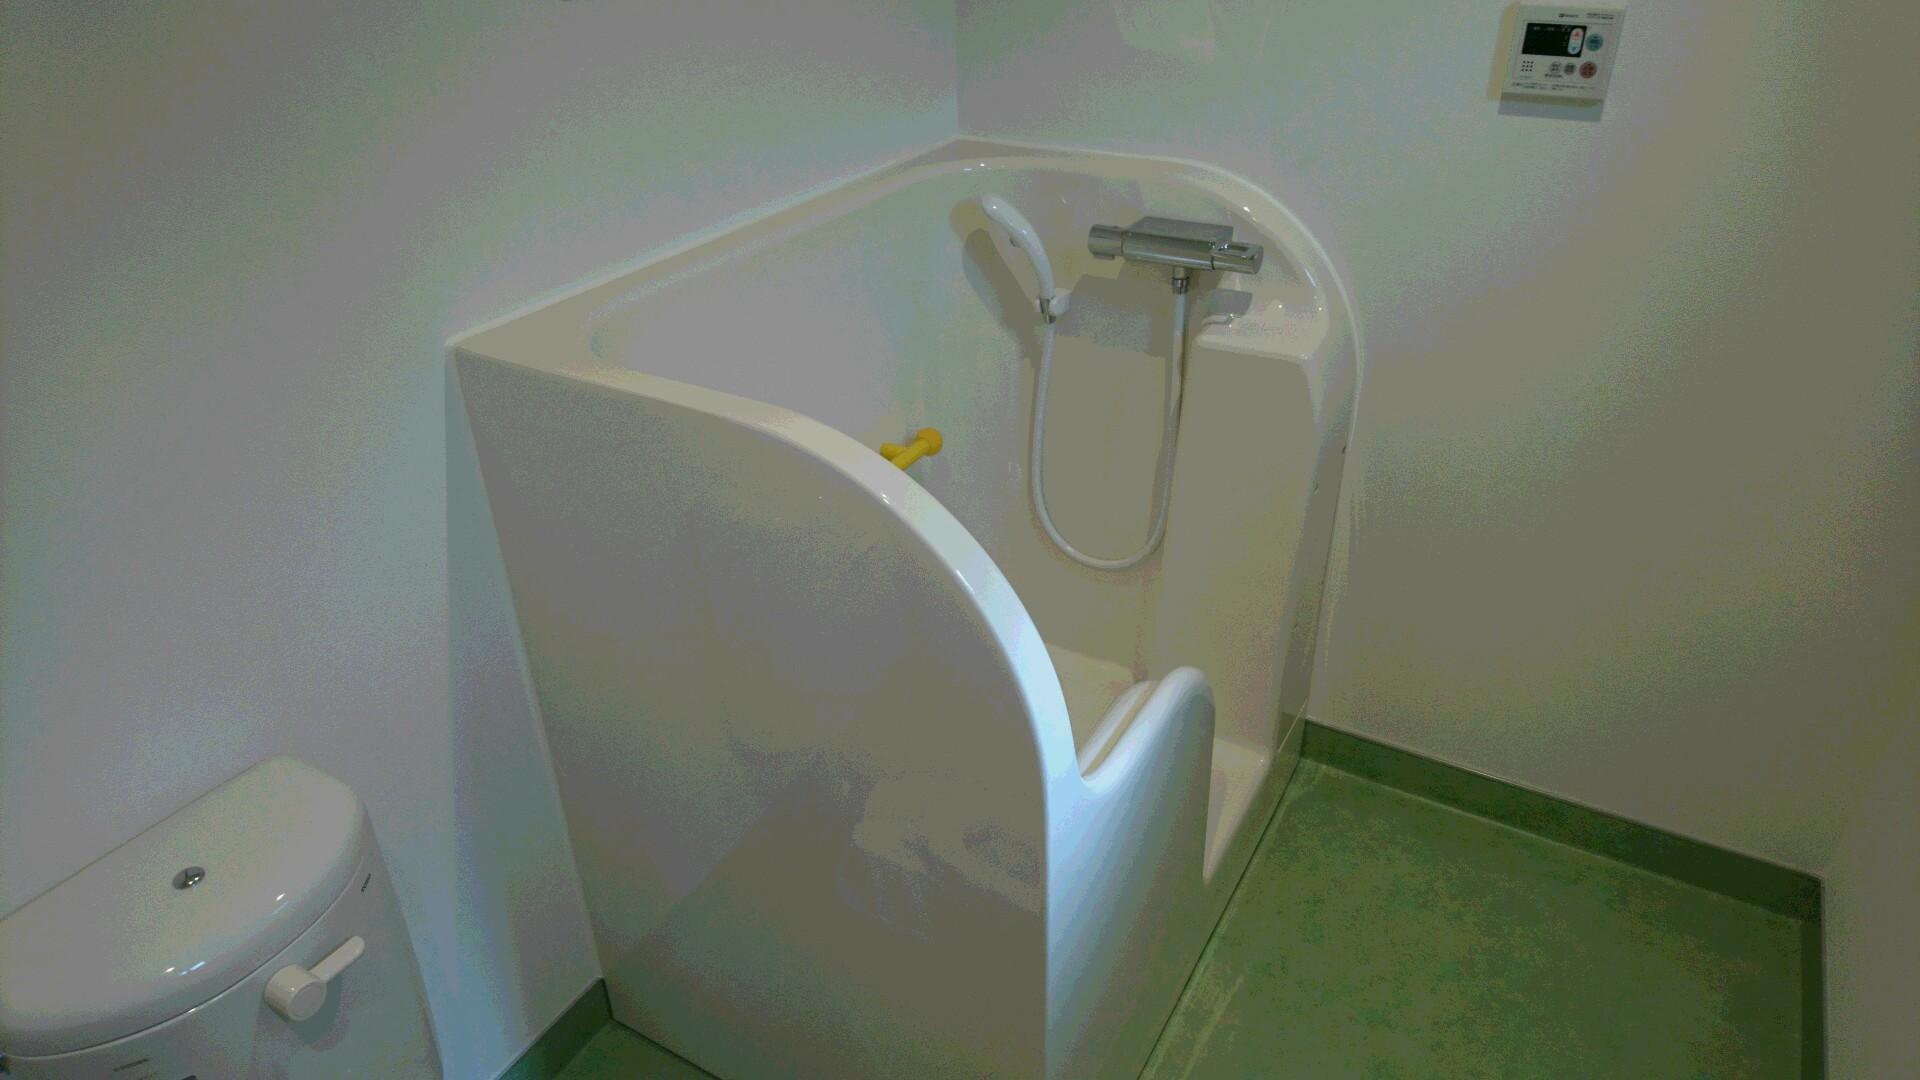 療育室に設置されている幼児用シャワーの様子